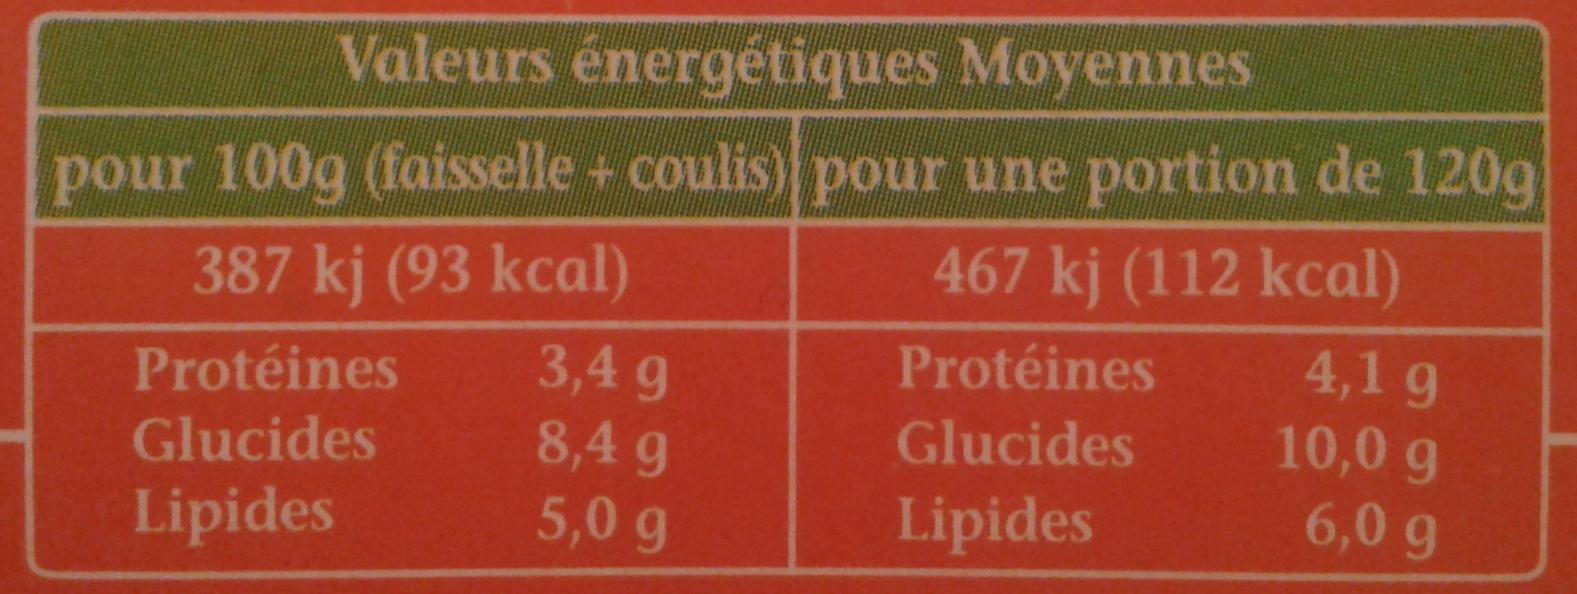 La Faisselle et son coulis Abricot-Pêche - Voedingswaarden - fr